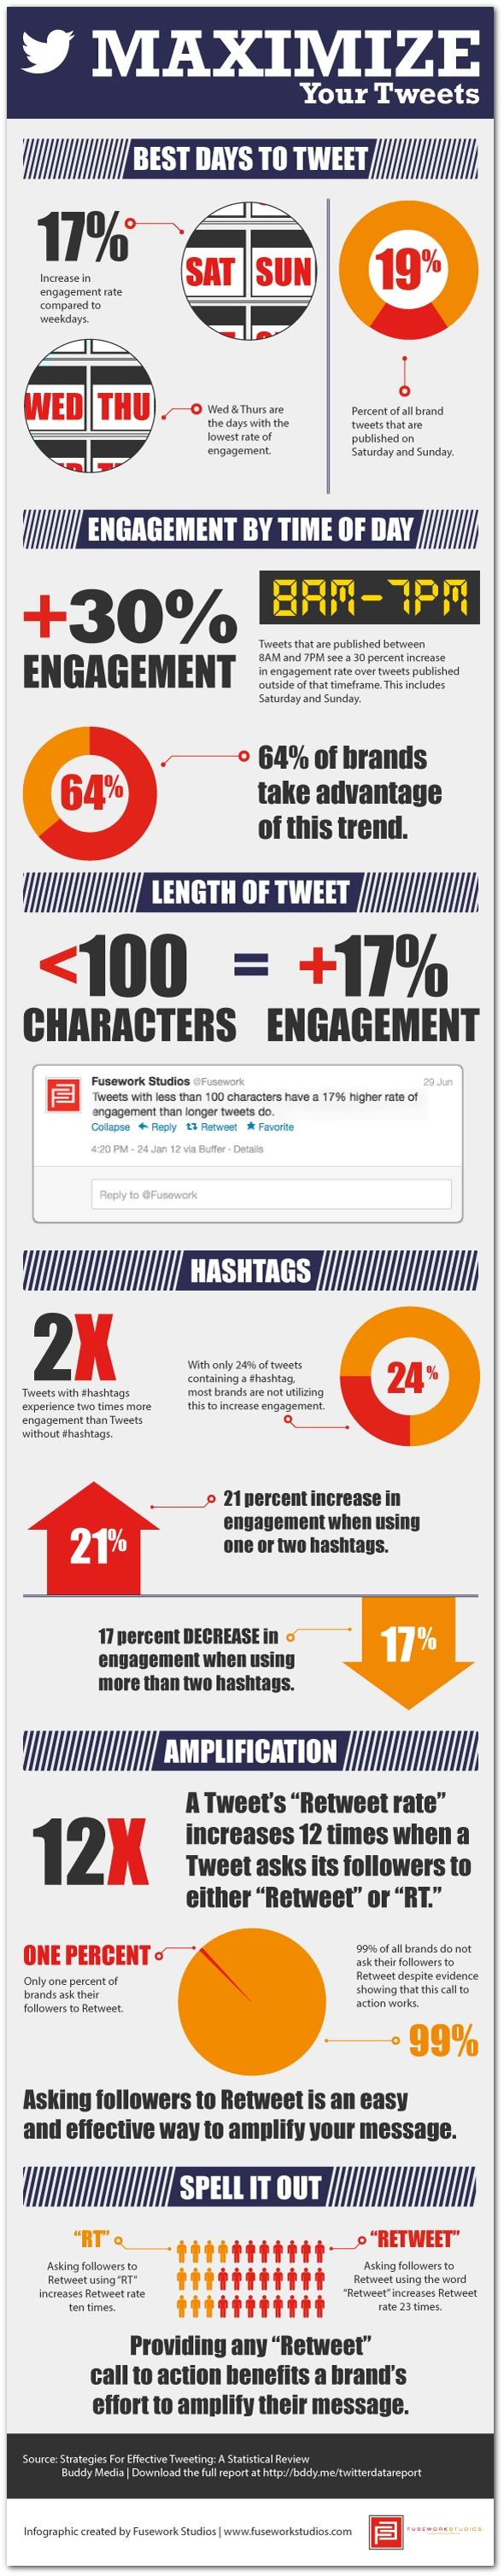 Maximizing Twitter Engagement resized 600